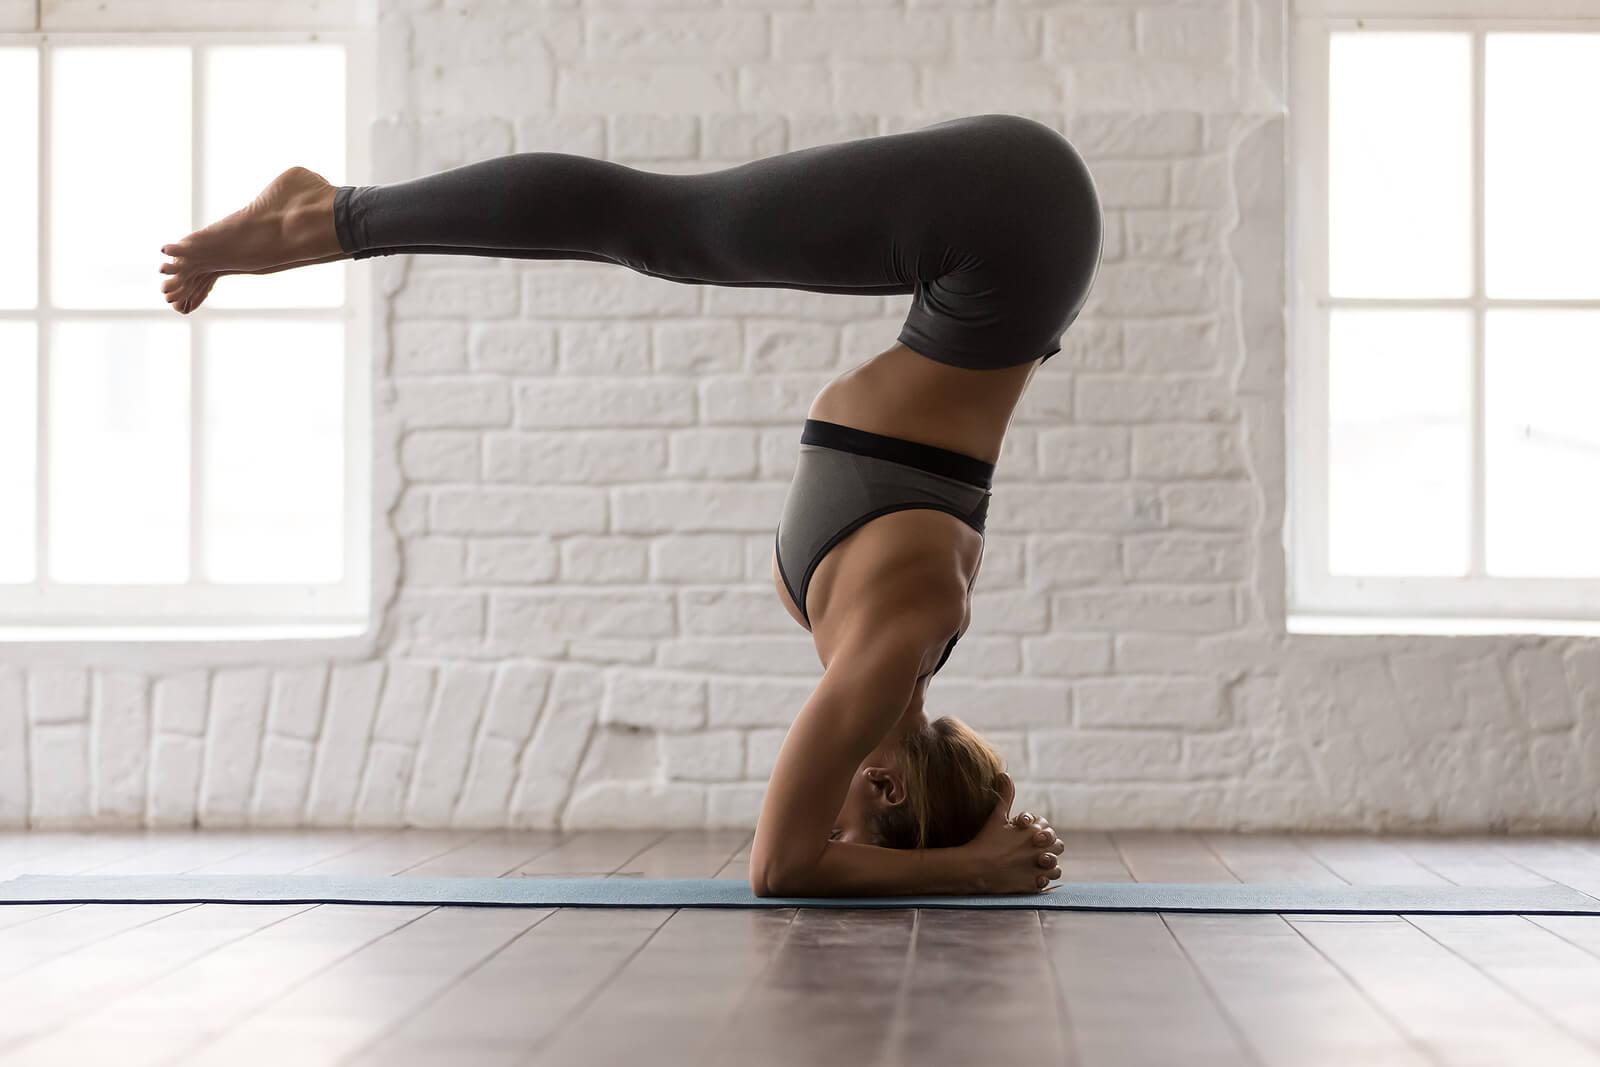 Una de las posturas de yoga más difíciles.